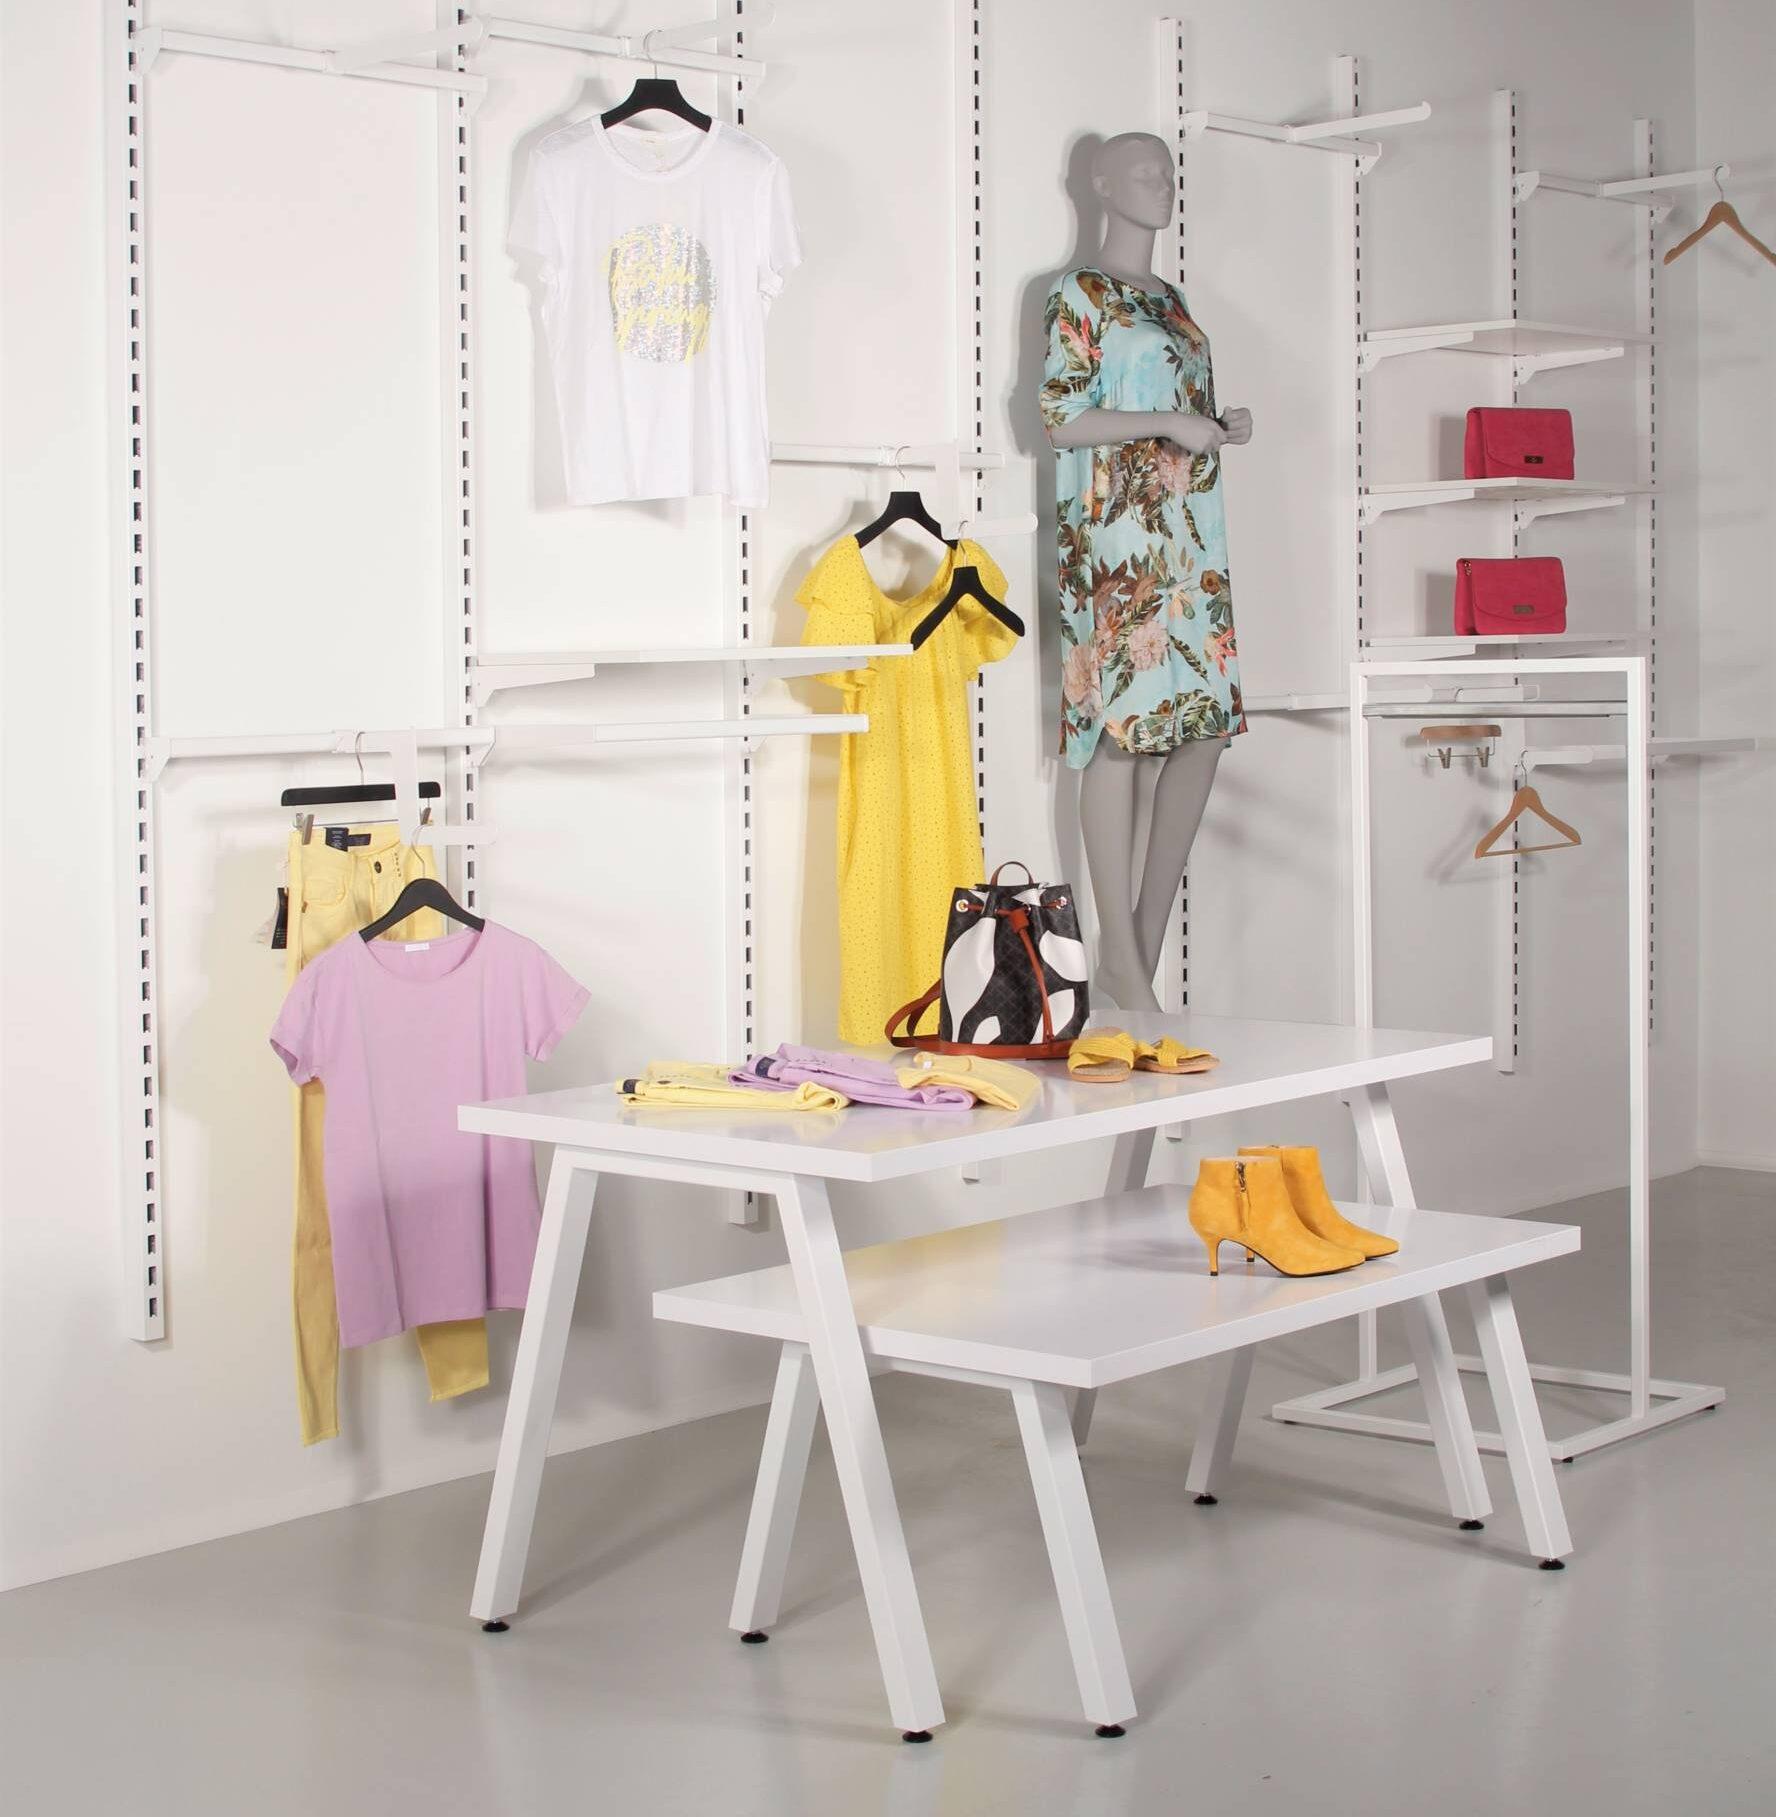 Hvidt butiksinventar og hvidt salgsbord